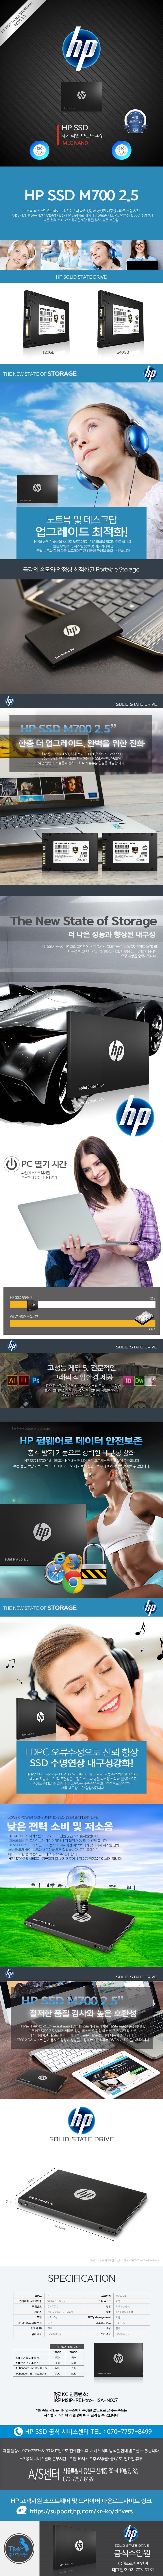 [HP] SSD M700 240GB